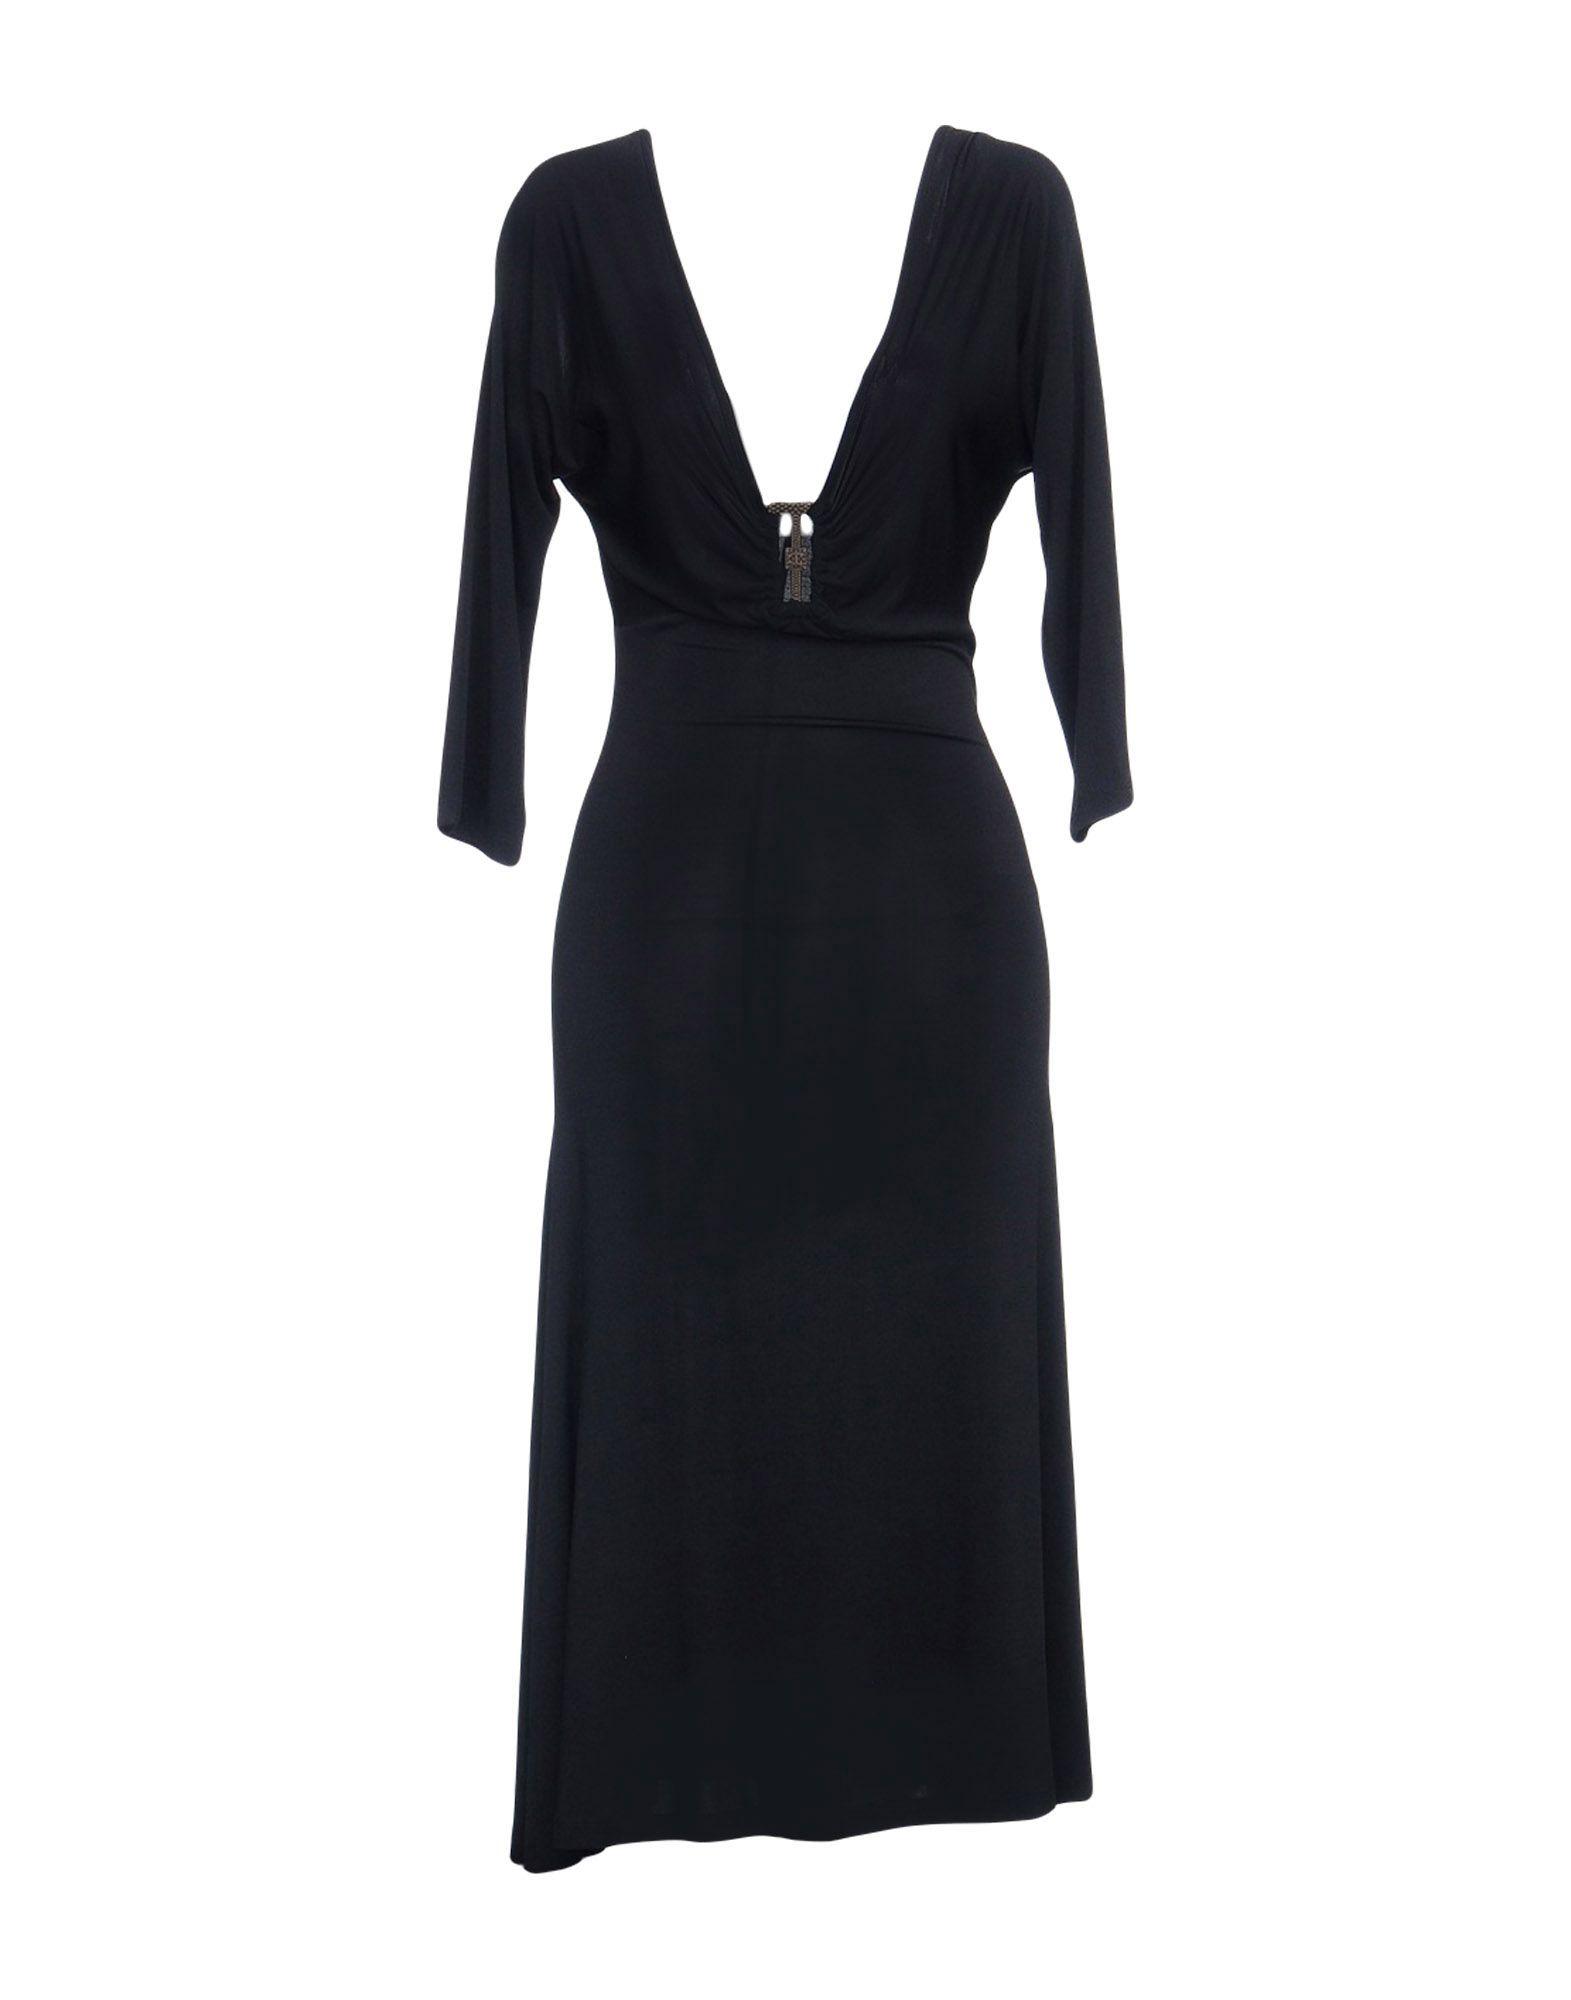 JUST CAVALLI Платье длиной 3/4 lisa corti платье длиной 3 4